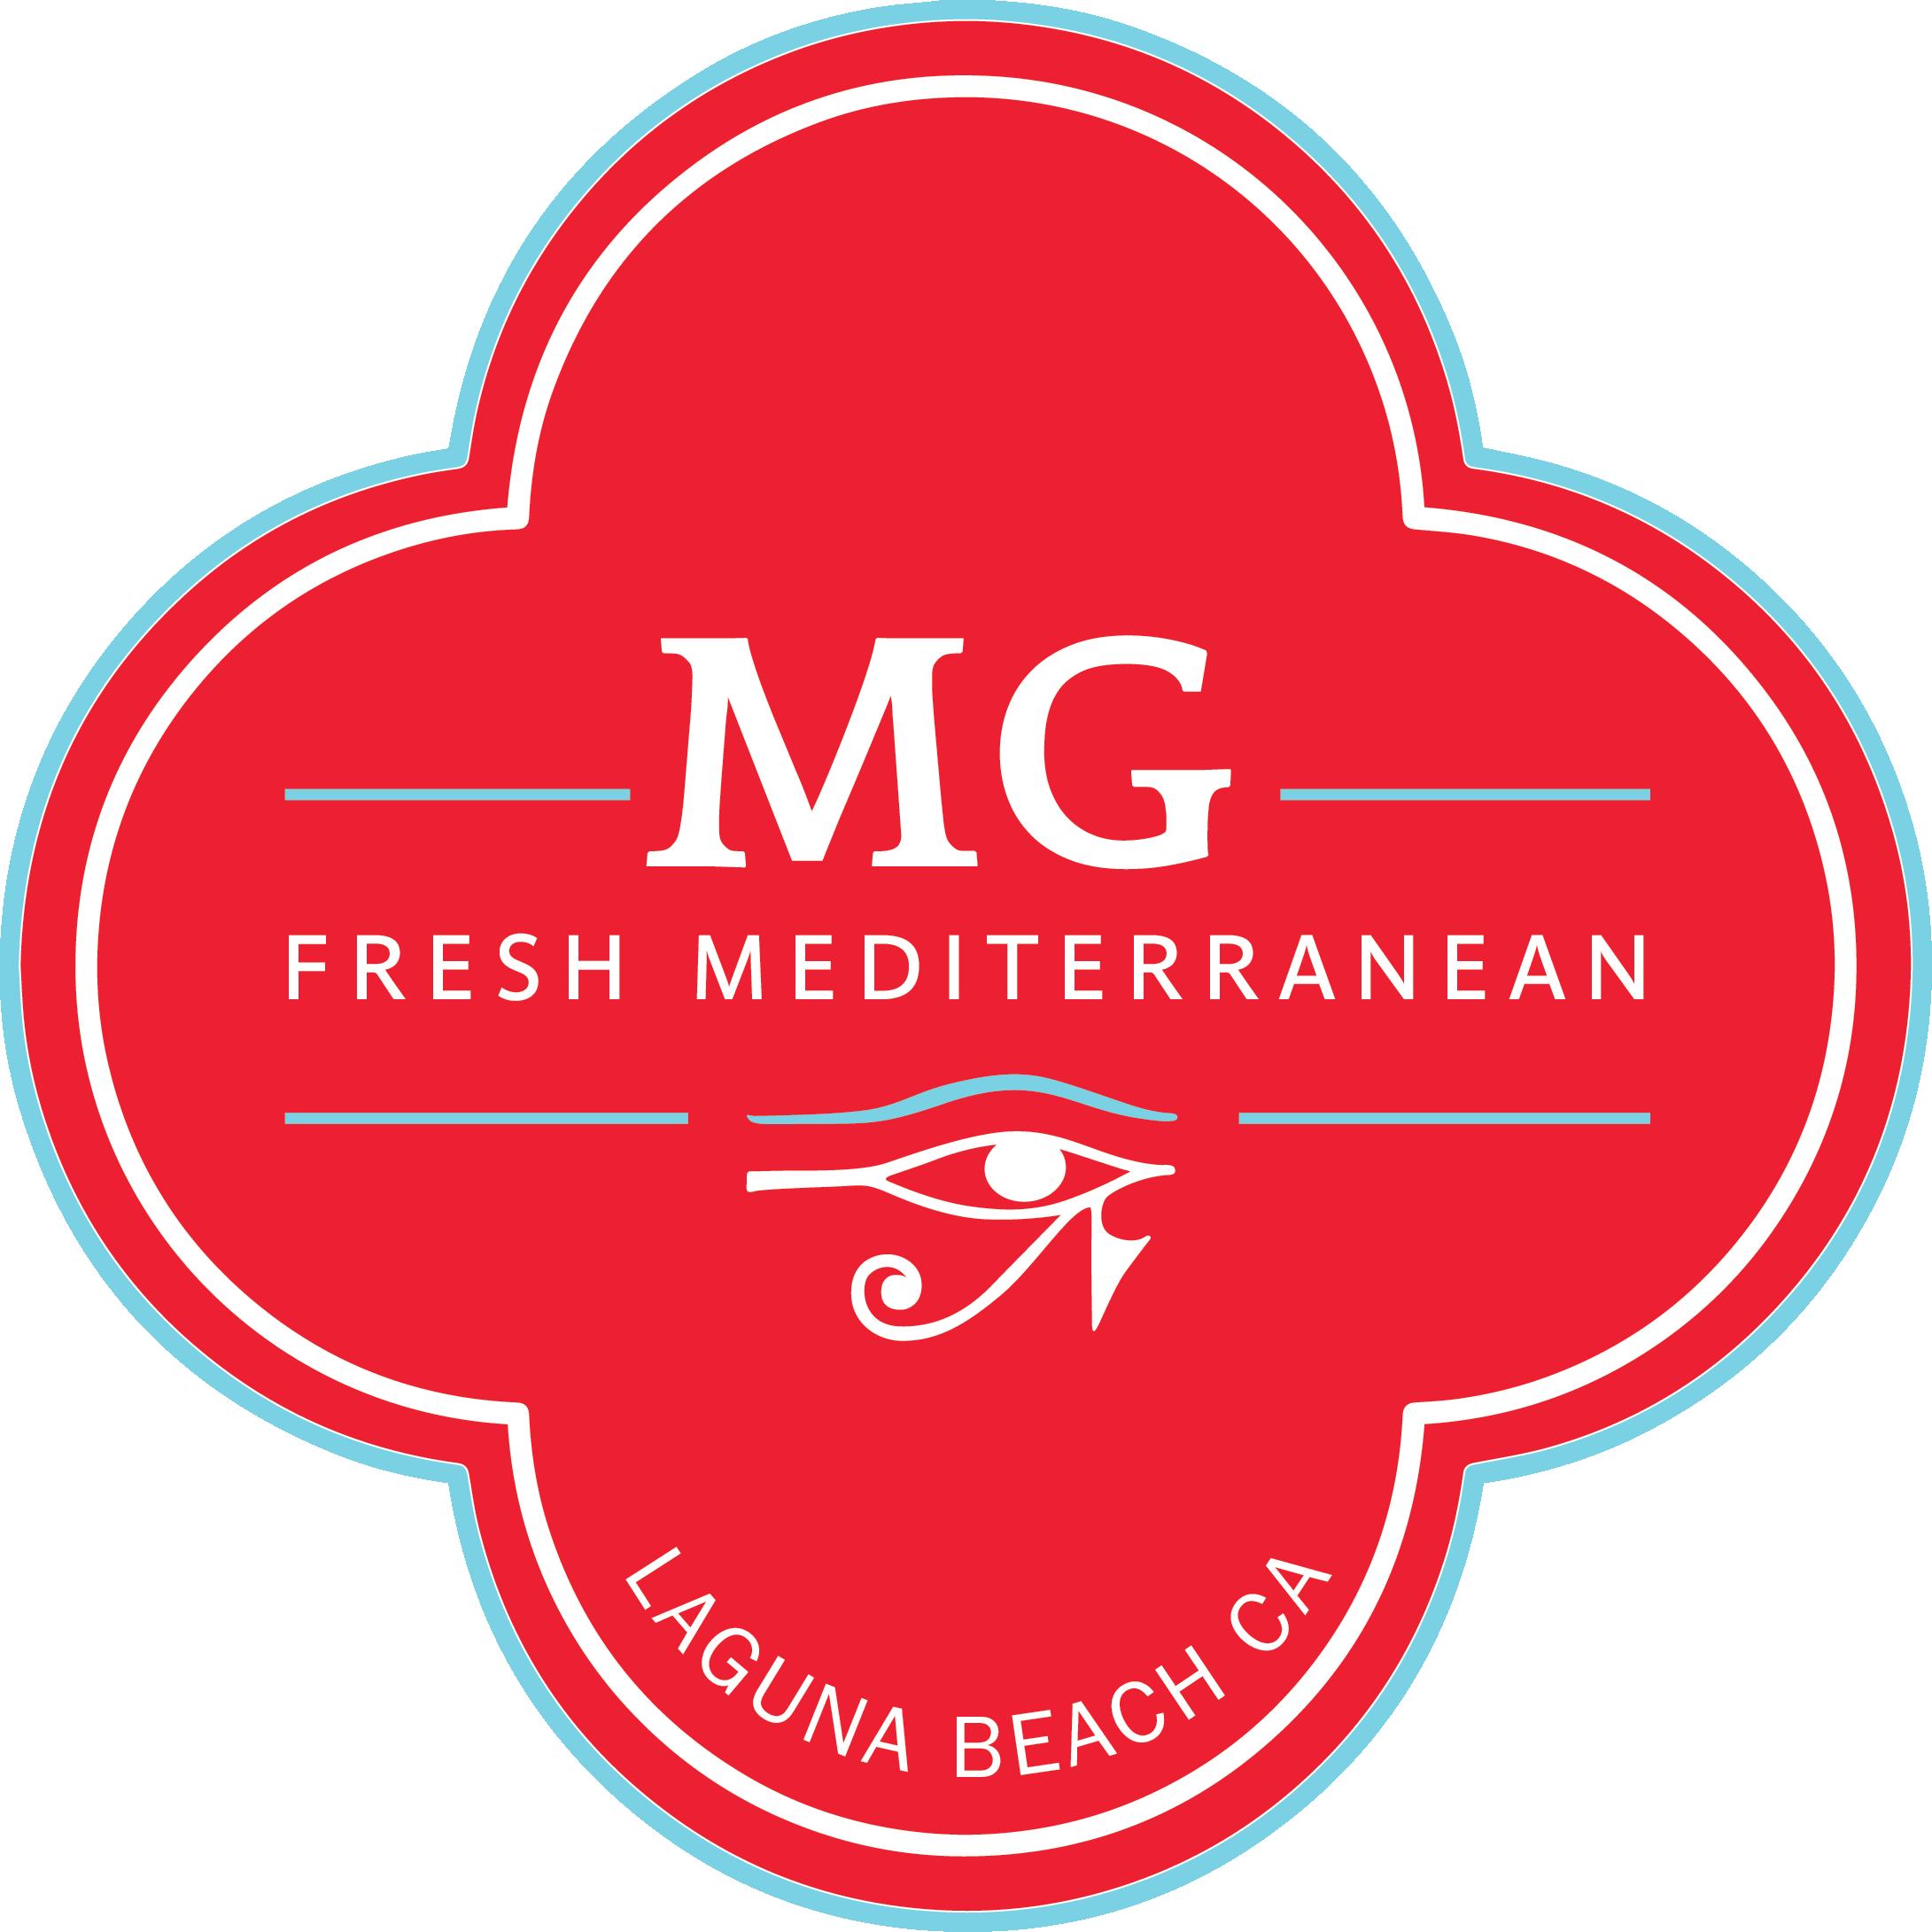 MG Laguna